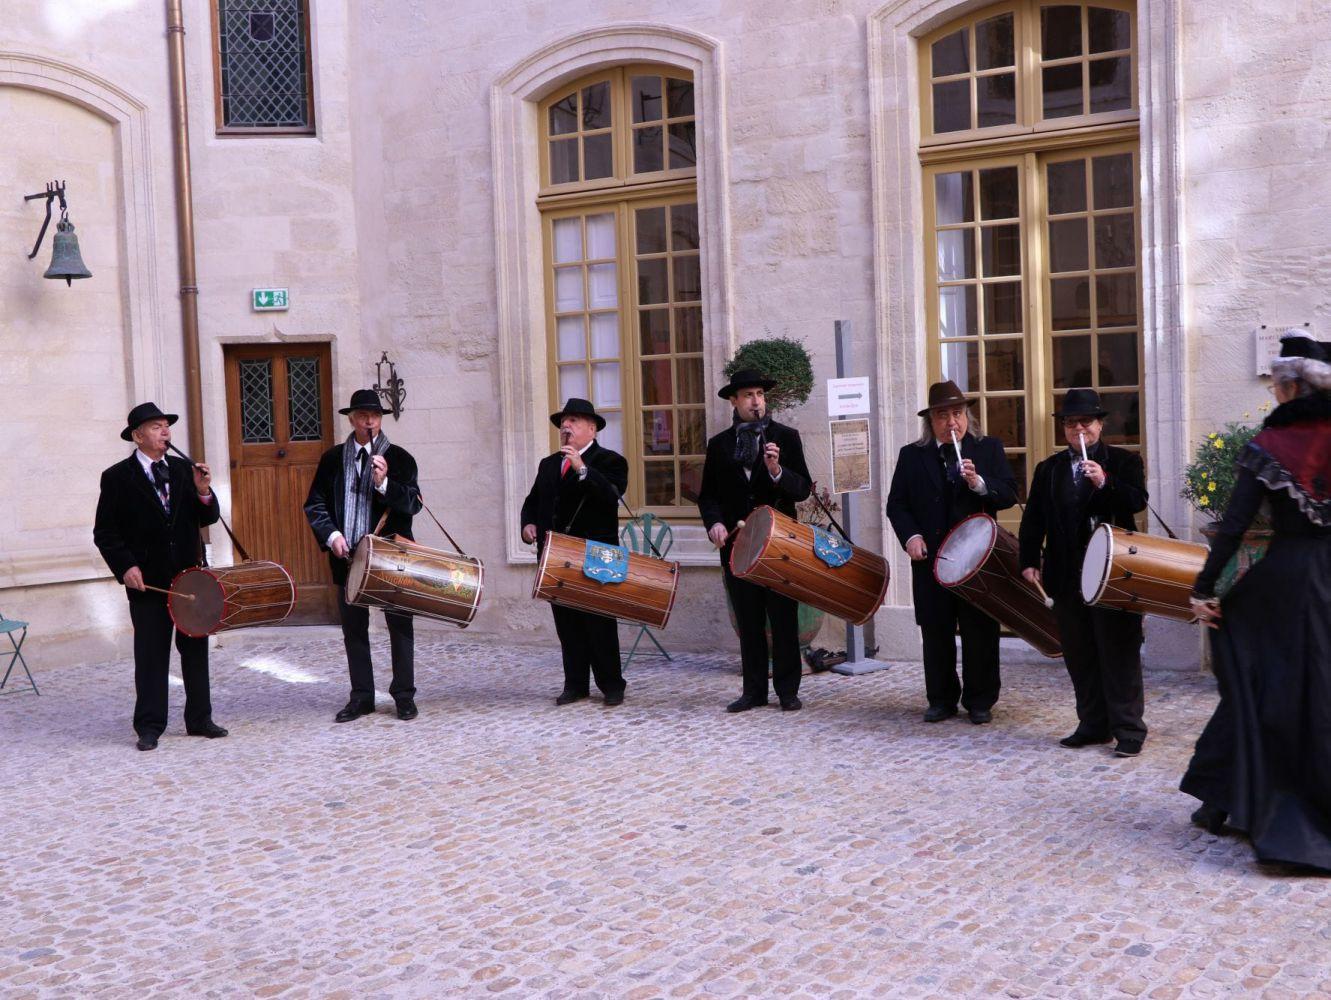 Avignon palais du roure 18 11 2017 26